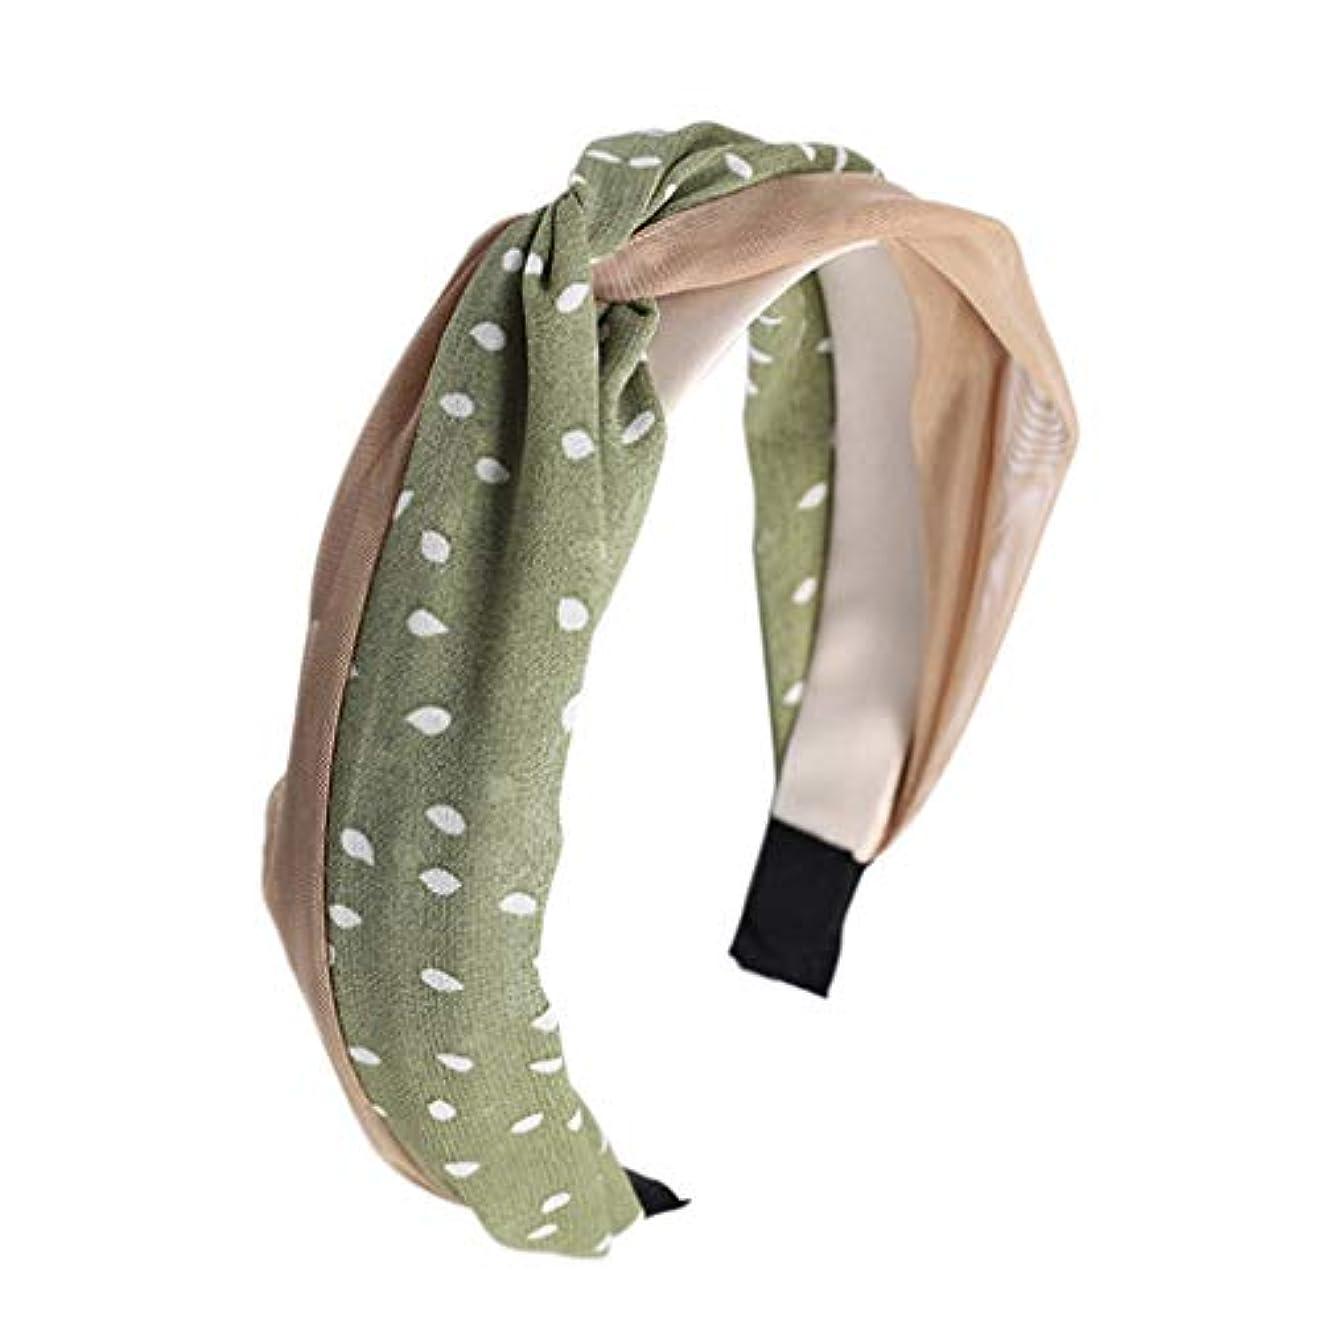 イーウェルそれにもかかわらず皿Manyao 韓国風の新鮮な女性のメッシュポルカドットヘッドバンドヴィンテージツイスト結び目ワイヤーヘアフープ (緑)